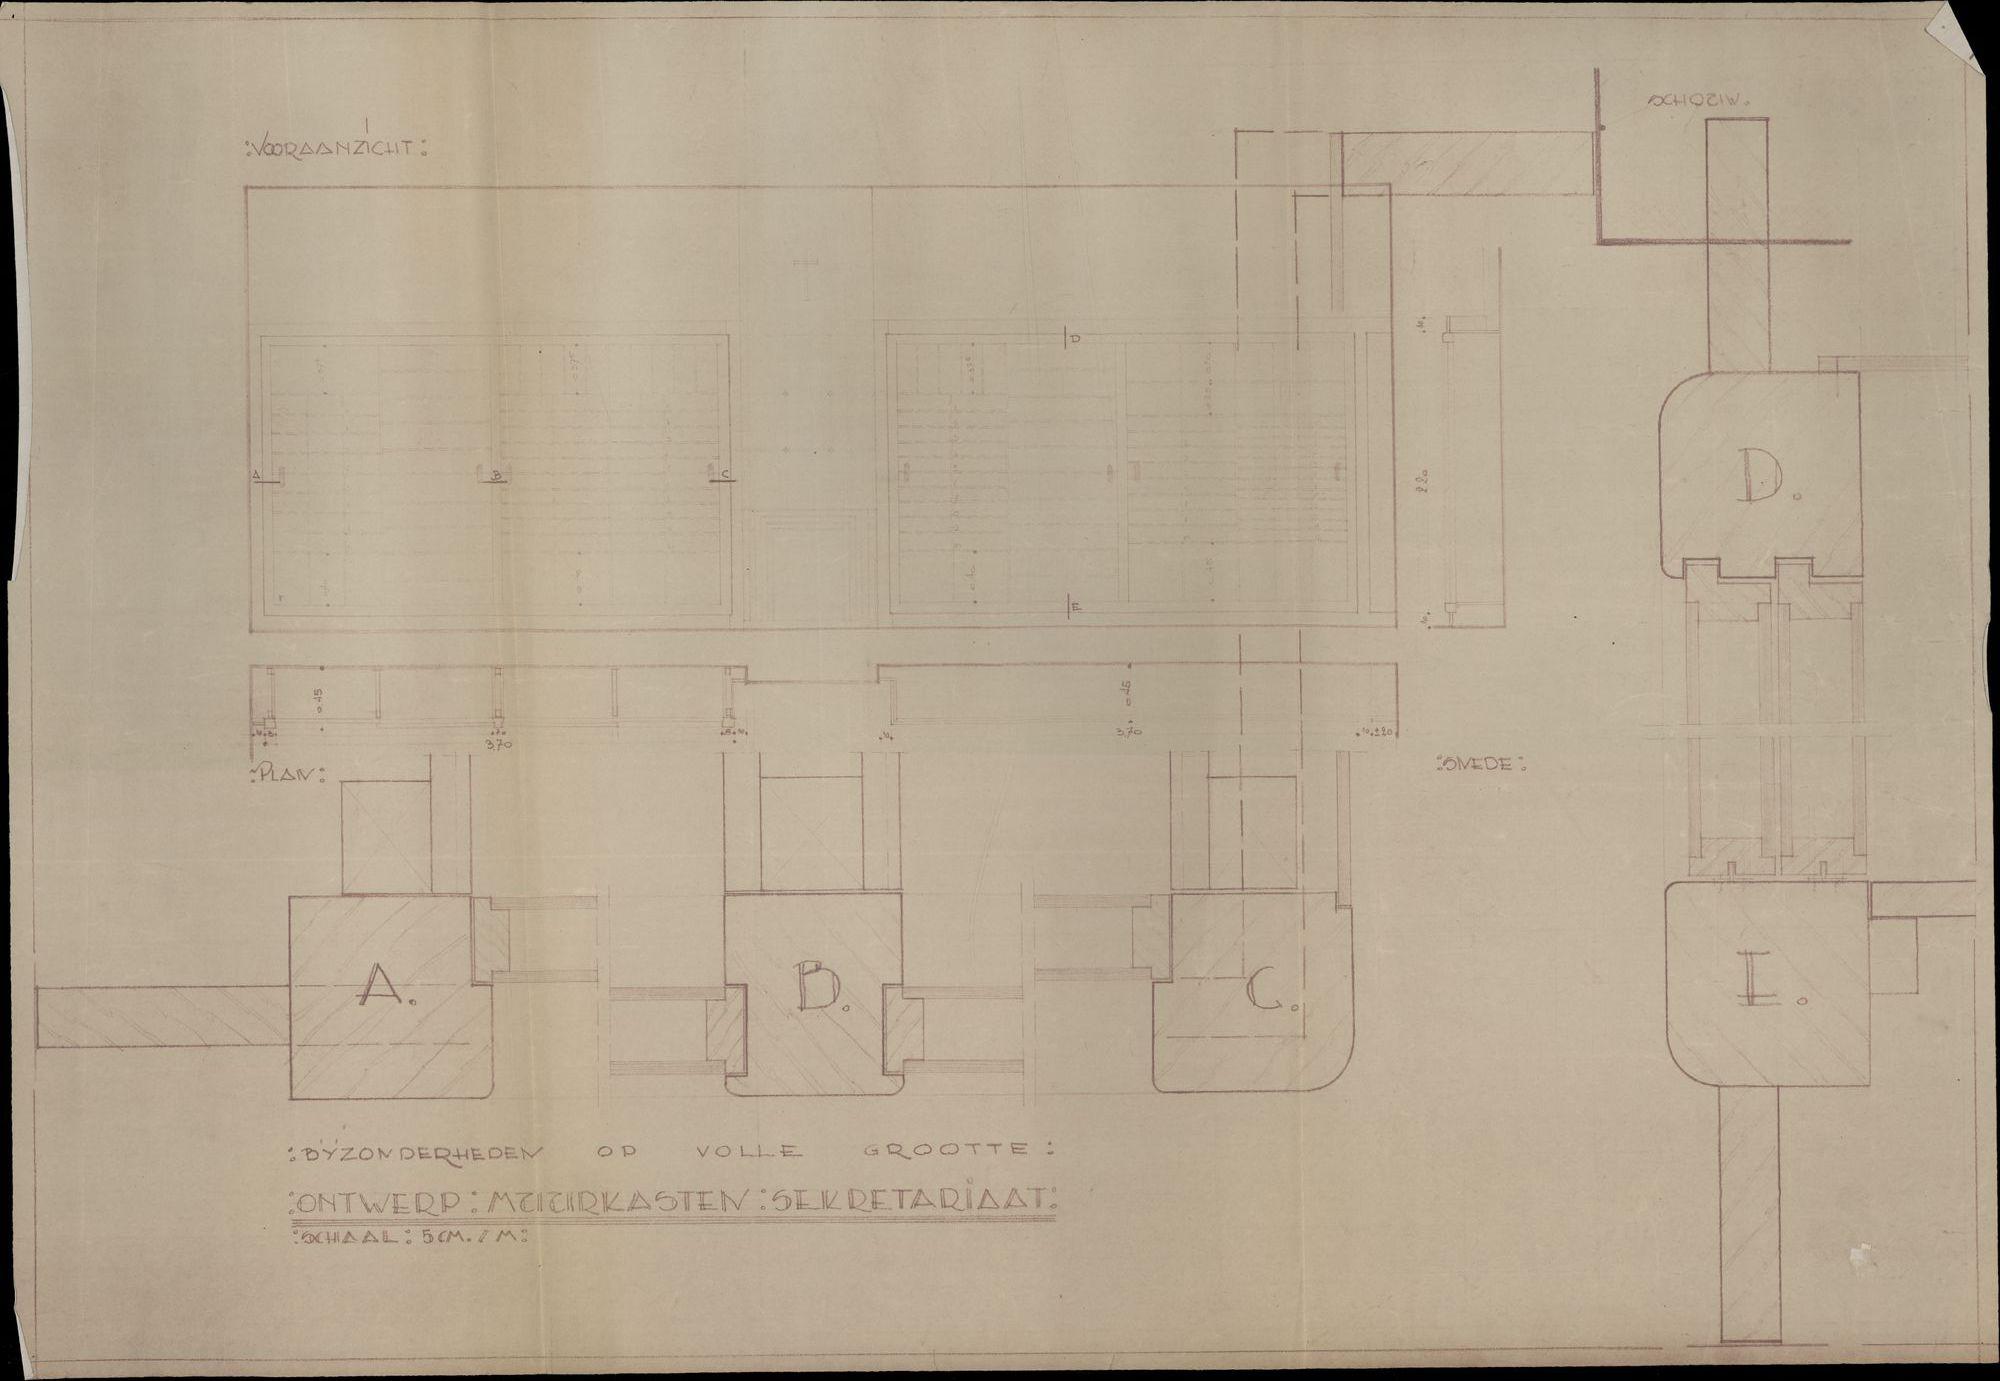 Plattegronden van de verbouwing van de burelen van de dienst van de burgerlijke stand en de dienst bevolking in het stadhuis te Kortrijk. Ontwerpen van kasten voor de technische dienst, 19de-20ste eeuw.